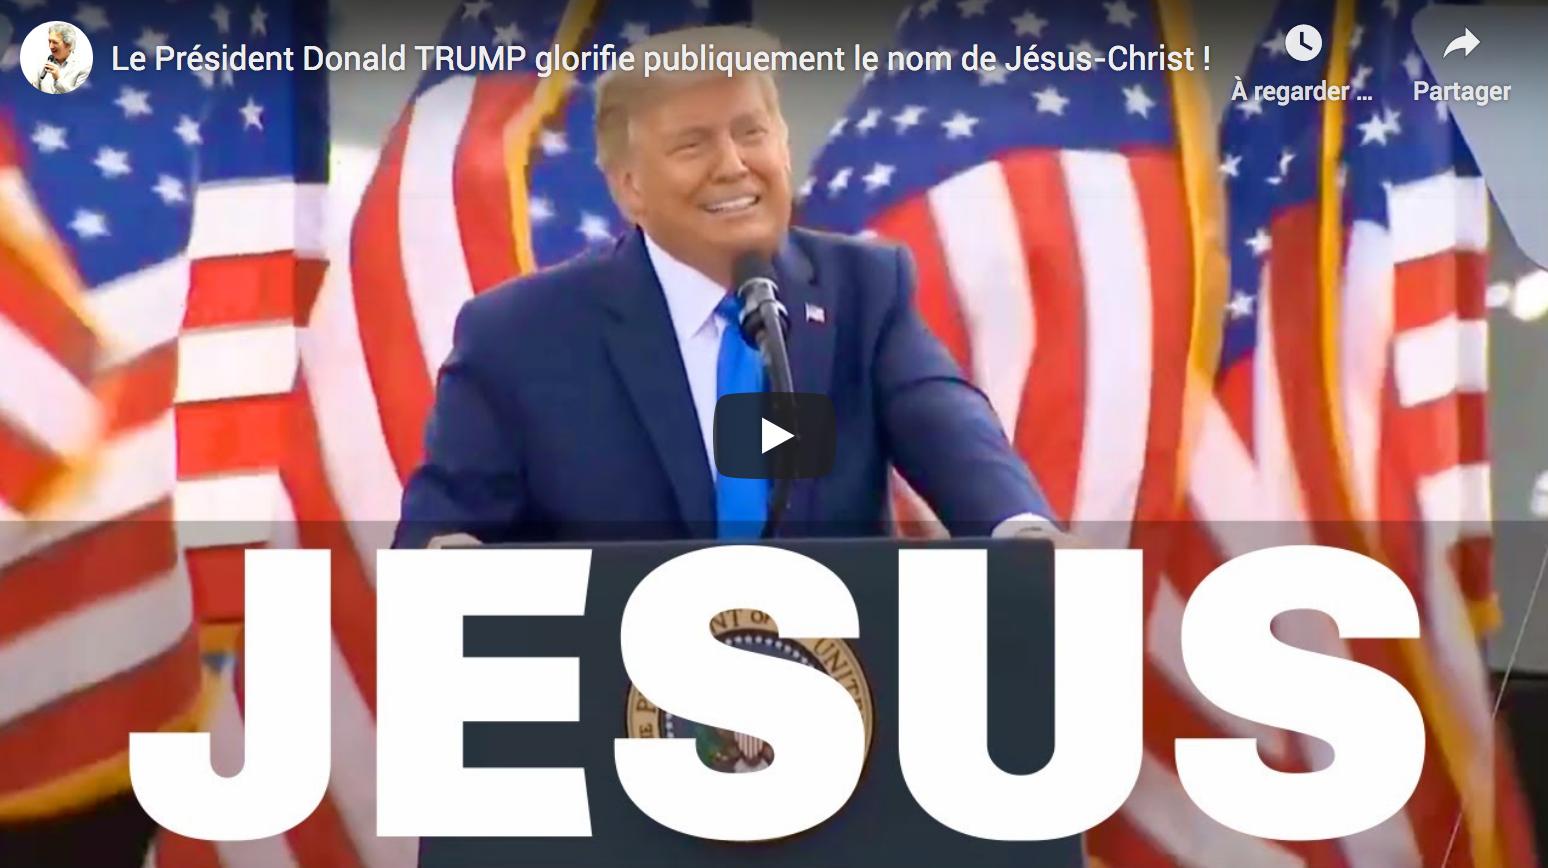 Le Président Donald Trump glorifie publiquement le nom de Jésus-Christ ! (VIDÉO)